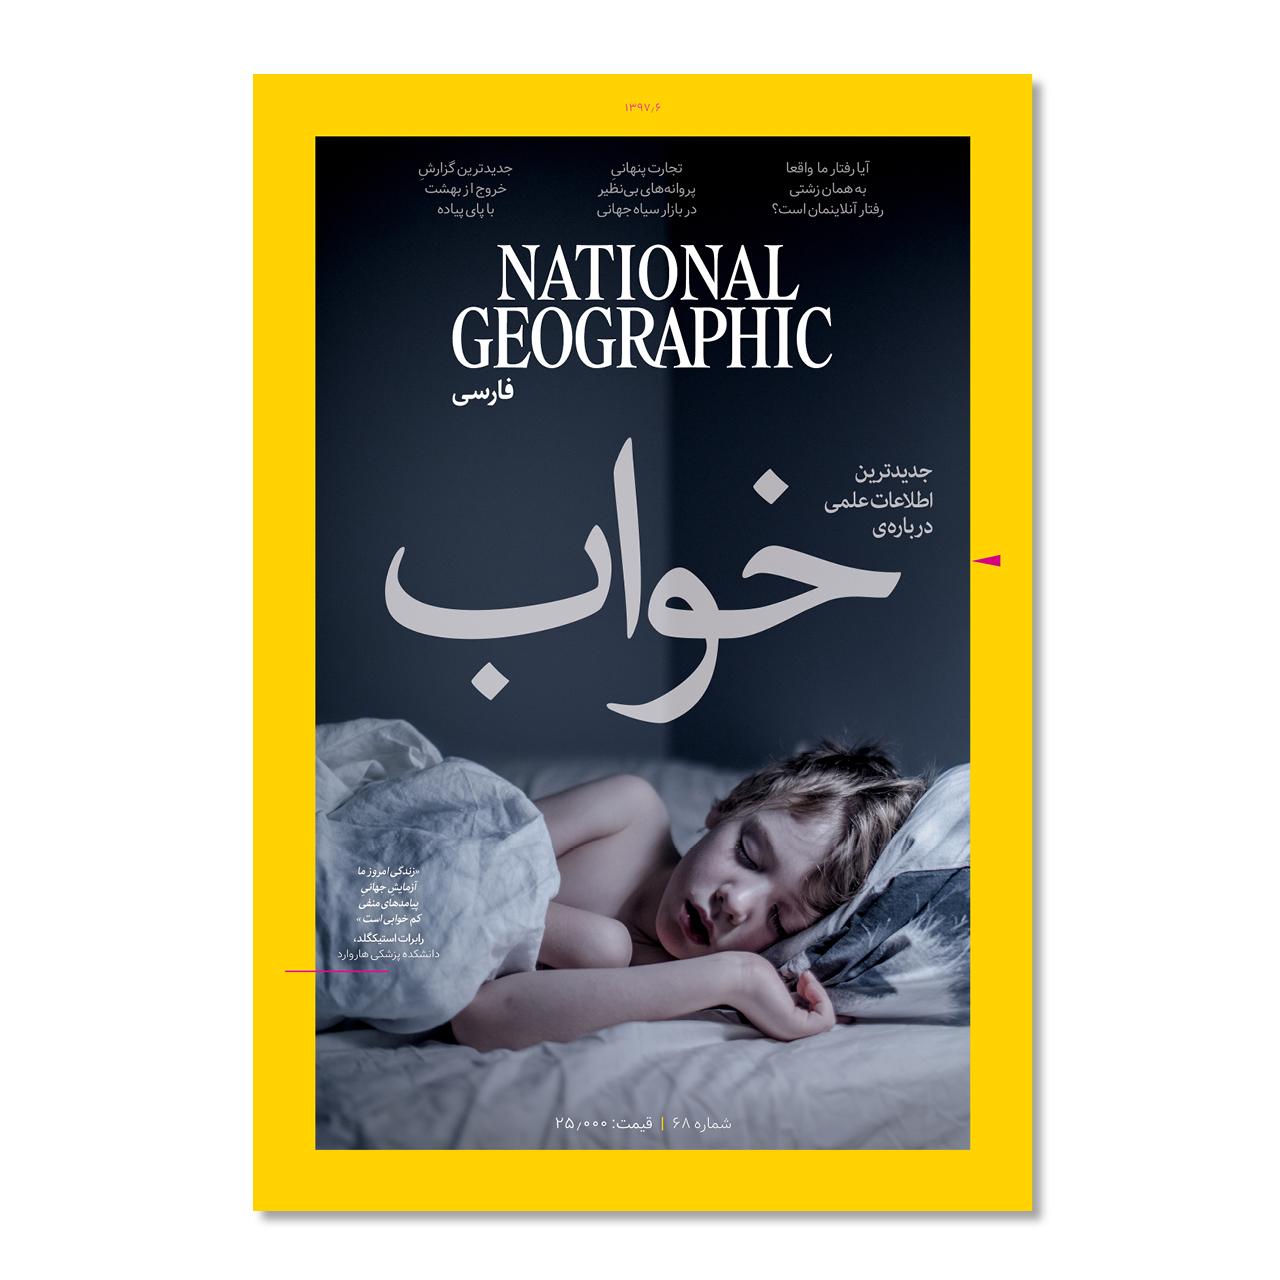 مجله نشنال جئوگرافیک فارسی - شماره 68